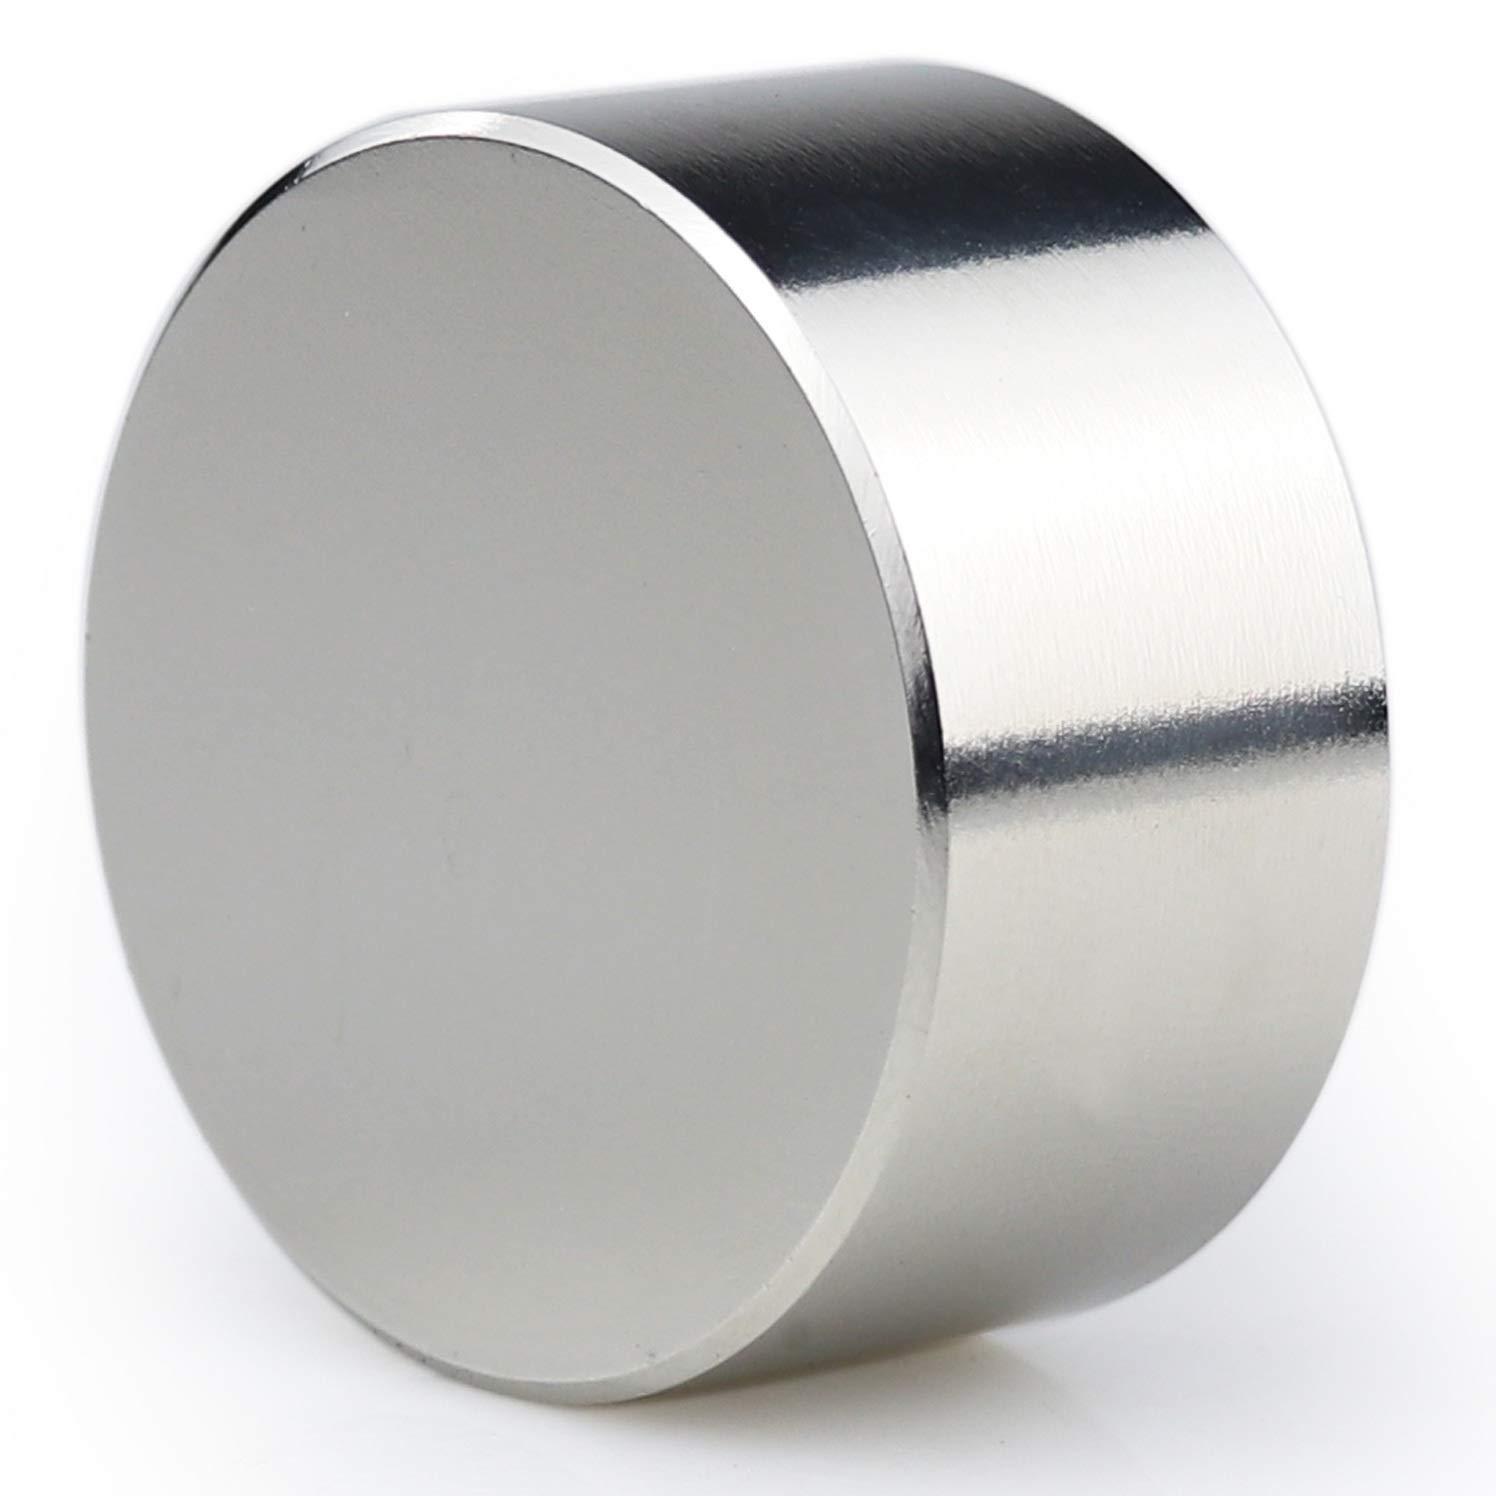 AOMAG 250Lbs Max 85% OFF Max 64% OFF Dia 40x20mm Super Strong Rare R Neodymium Earth N52